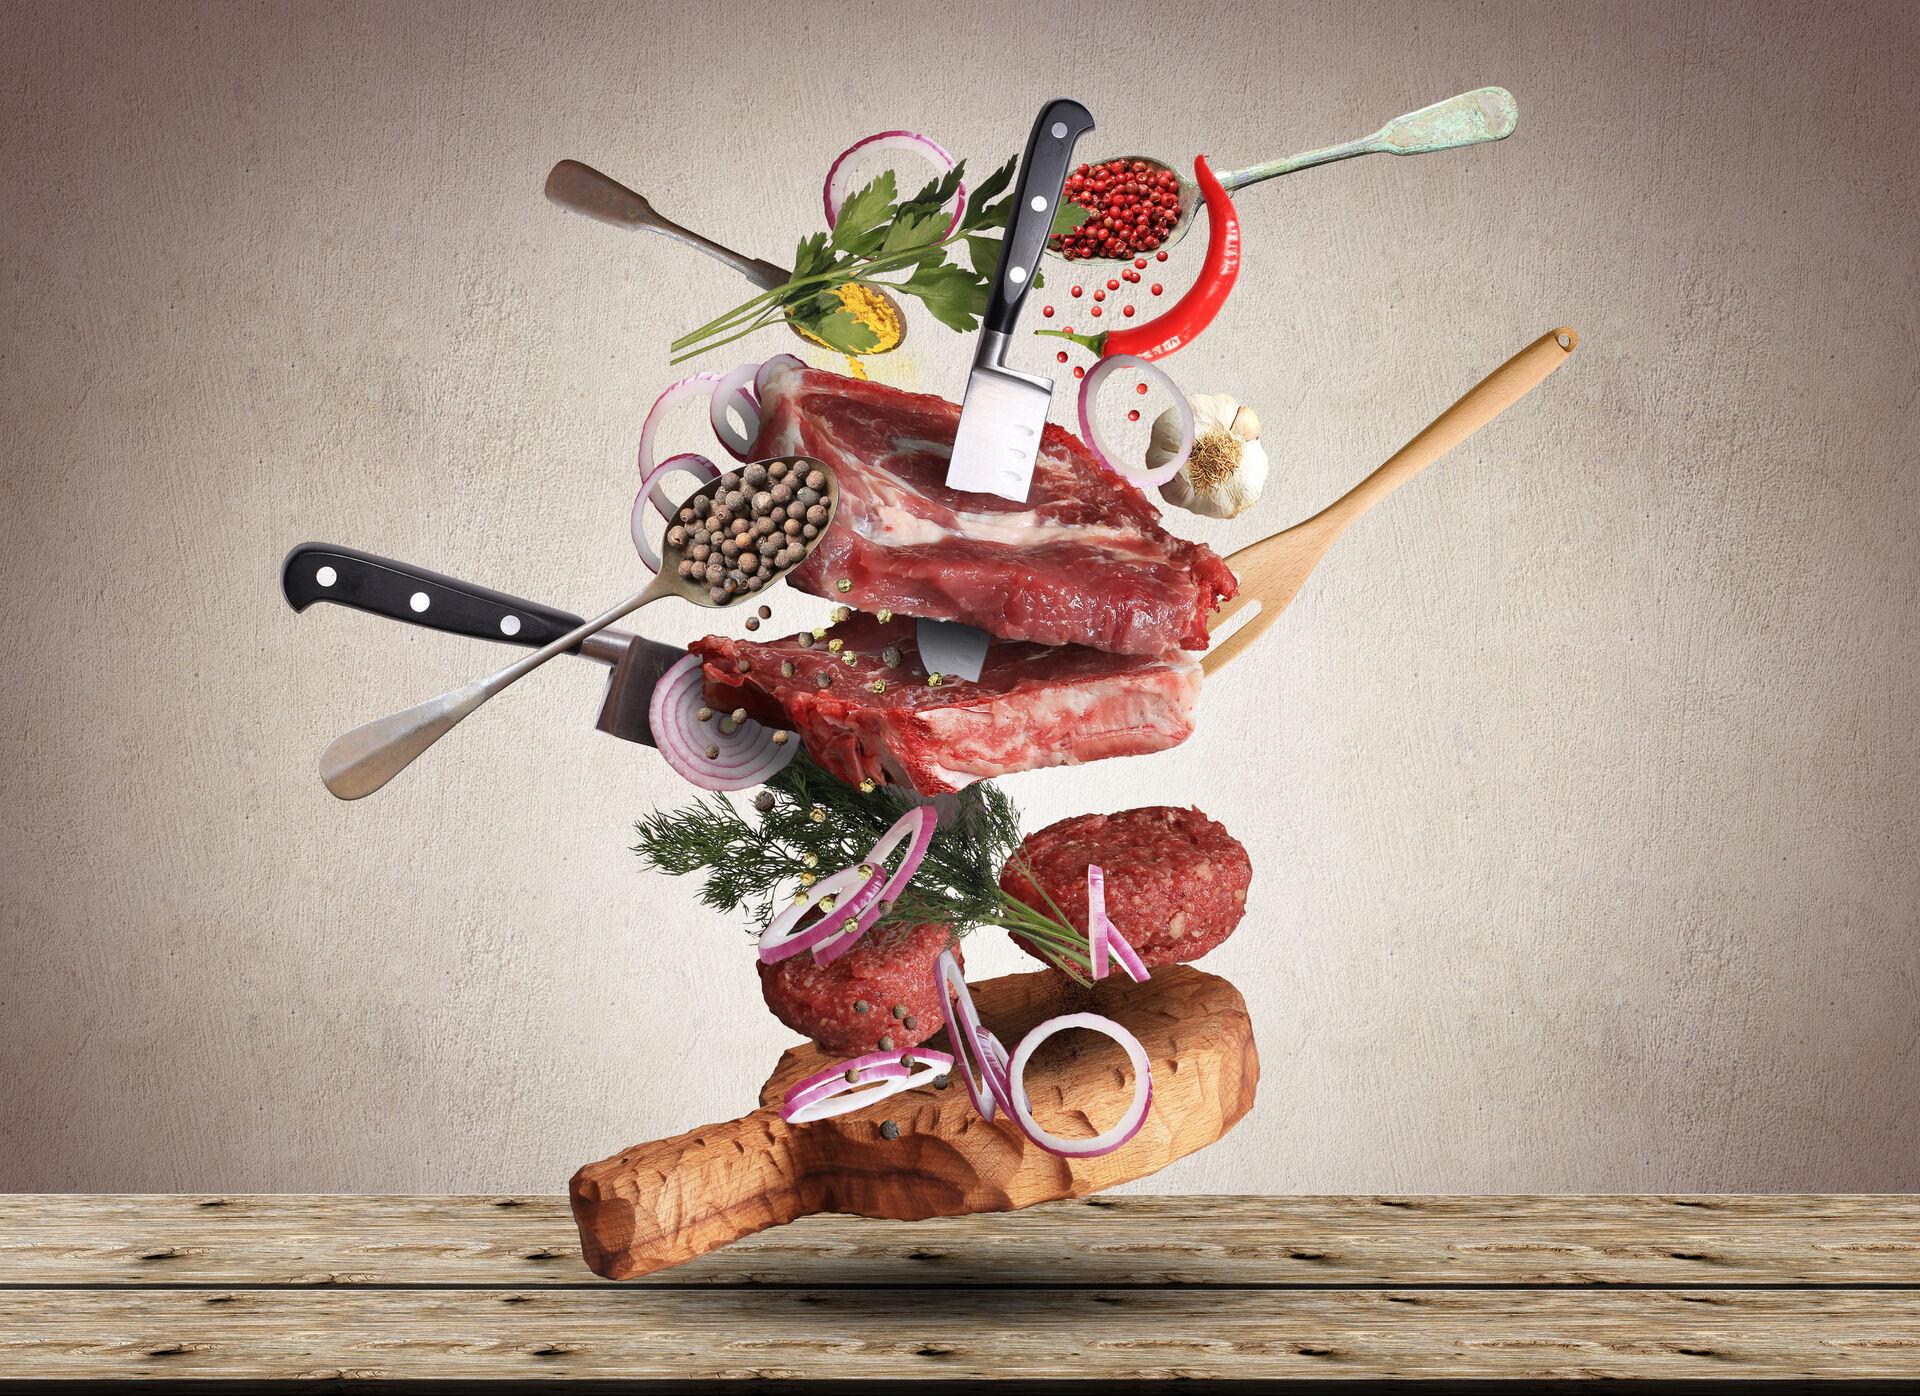 Lebensmittel und Küchenutensilien fliegen durch die Luft - Küchentipps